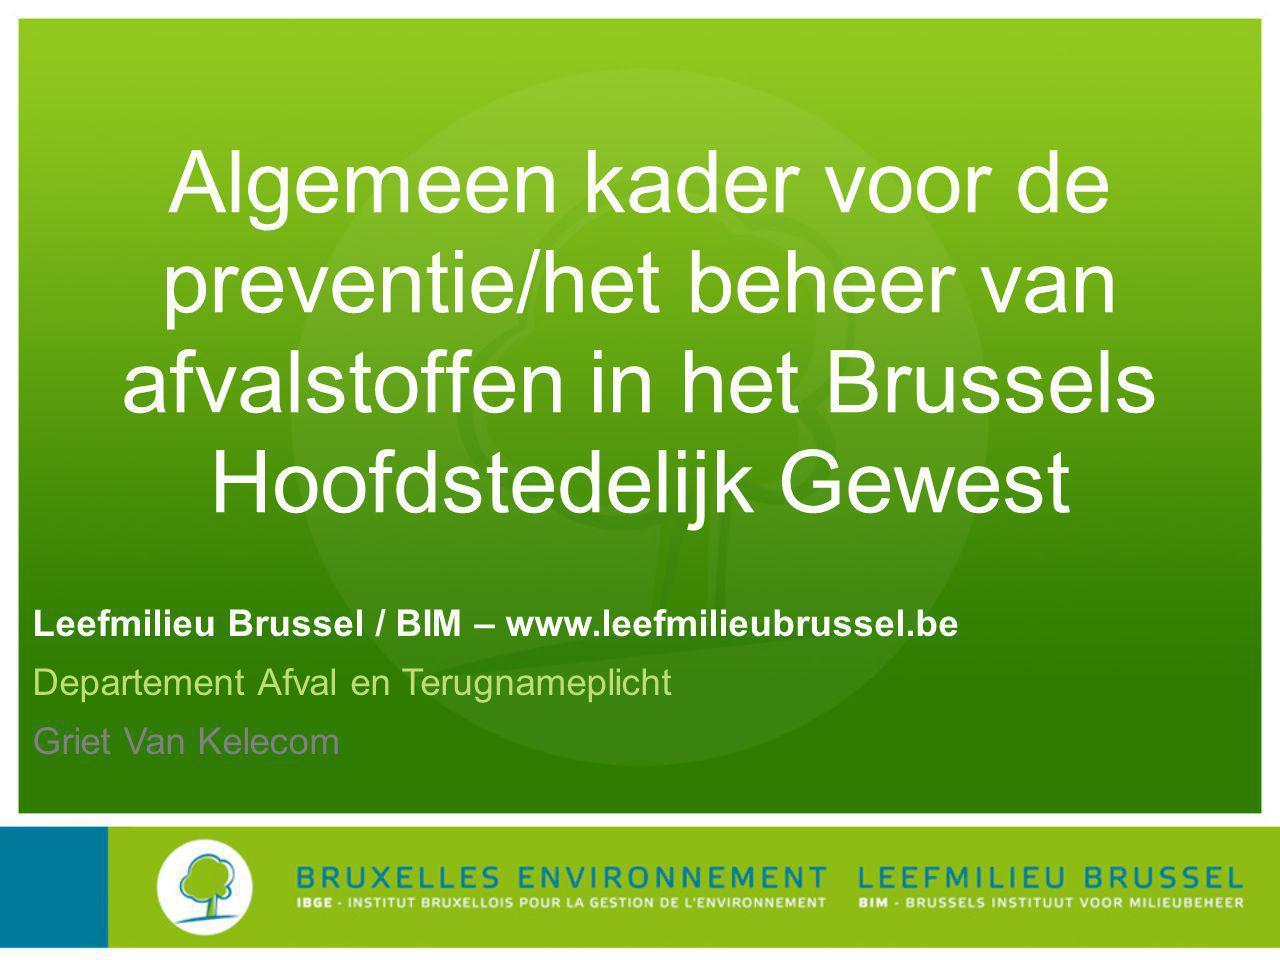 Leefmilieu Brussel / BIM – www.leefmilieubrussel.be Departement Afval en Terugnameplicht Griet Van Kelecom Algemeen kader voor de preventie/het beheer